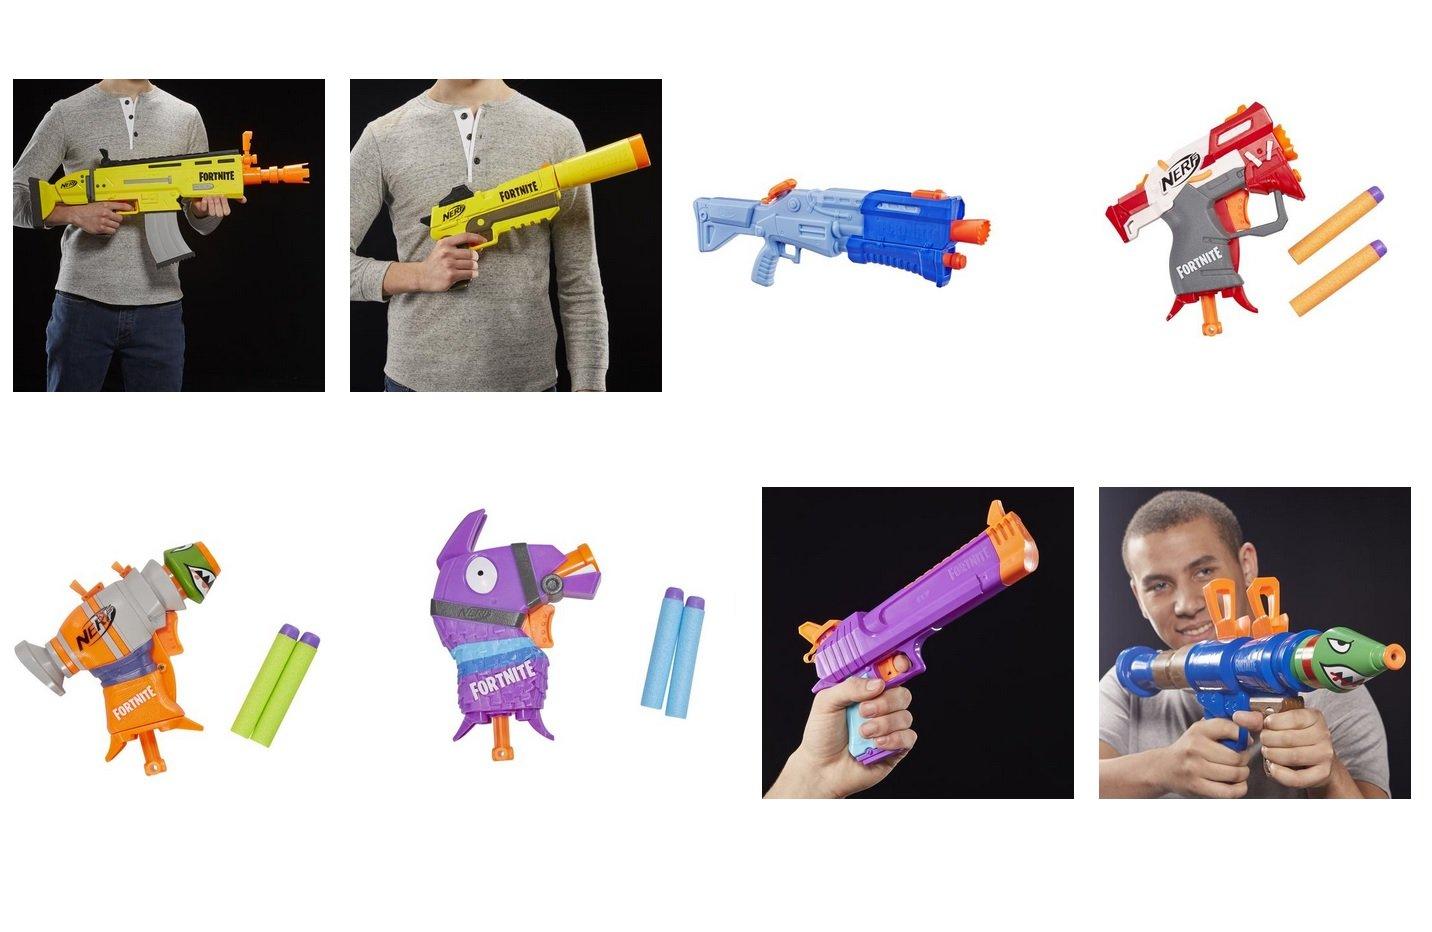 pistolets Nerf Fortnite